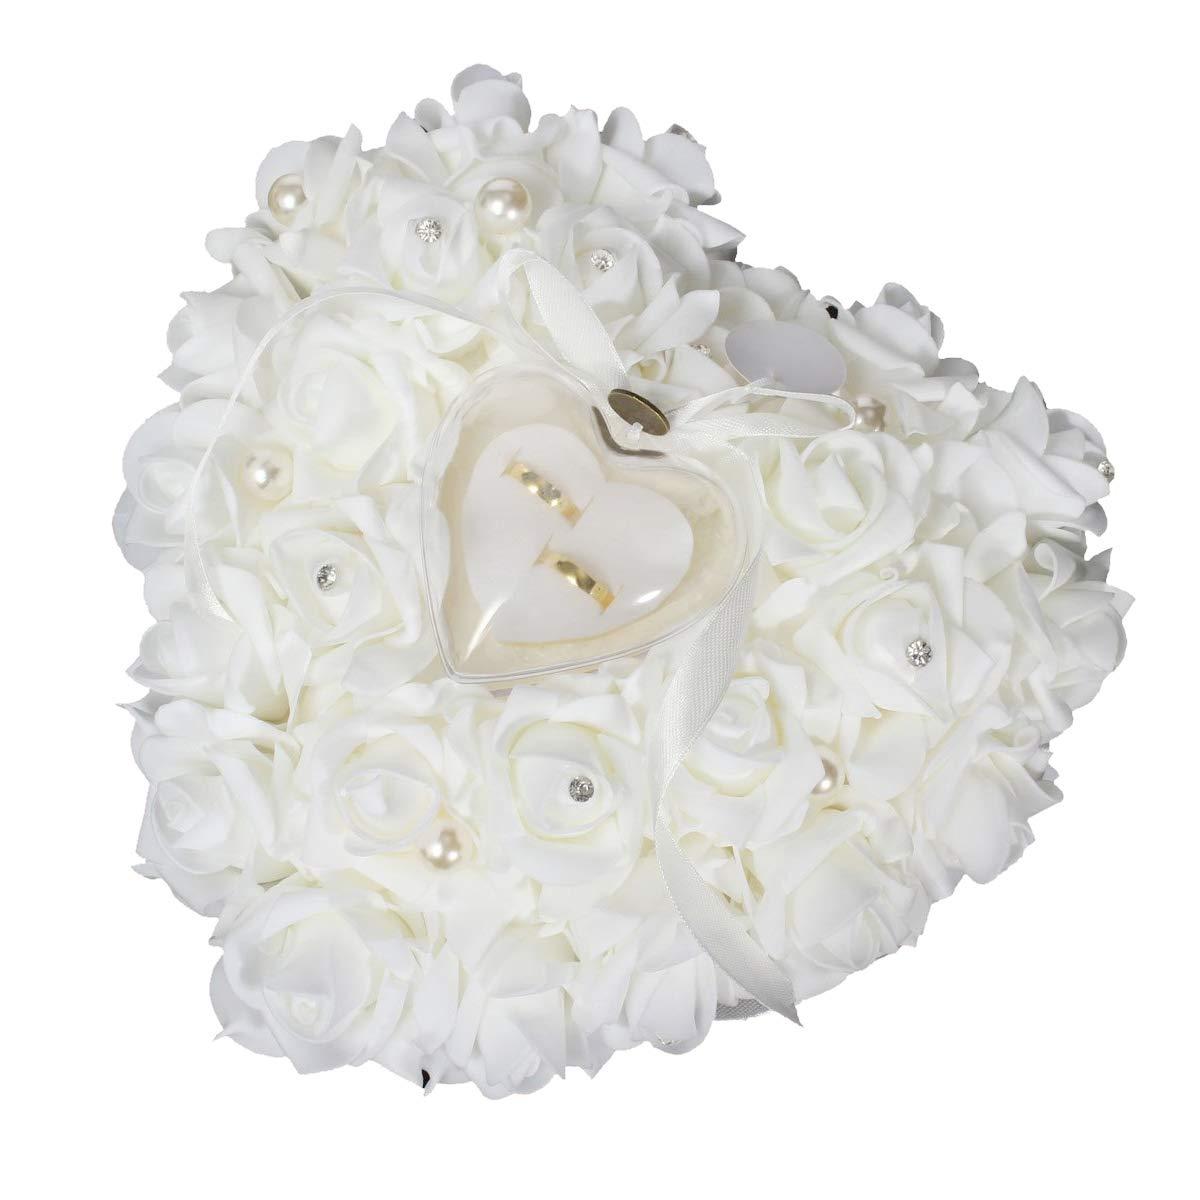 Amazon.com: Anillos de boda, almohada caja corazón ...